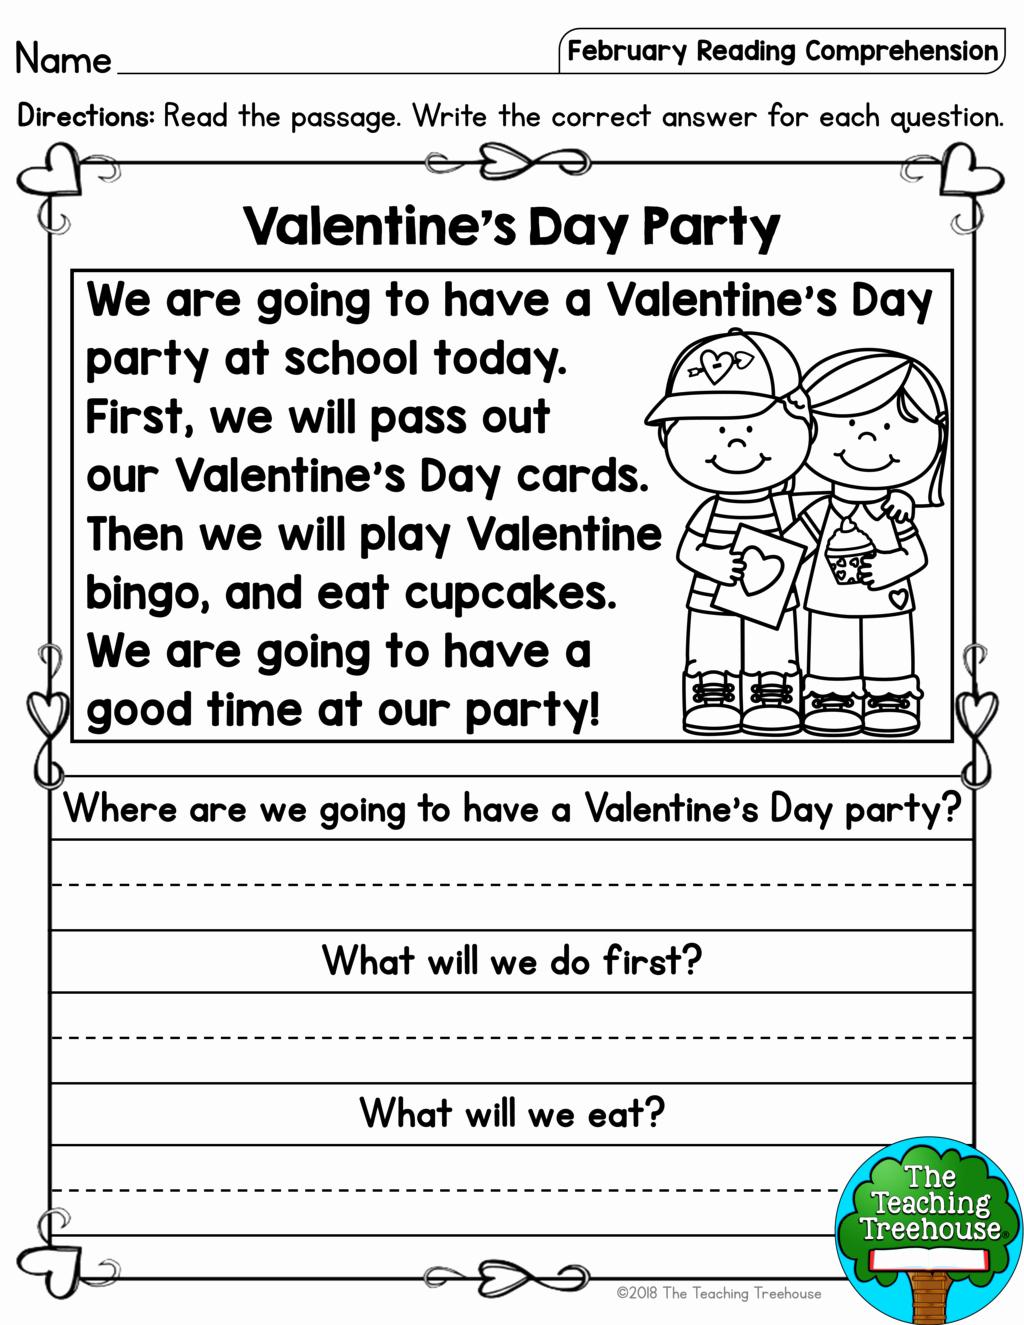 Comprehension Worksheet First Grade New 1st Grade Reading Prehension Worksheets Multiple Choice